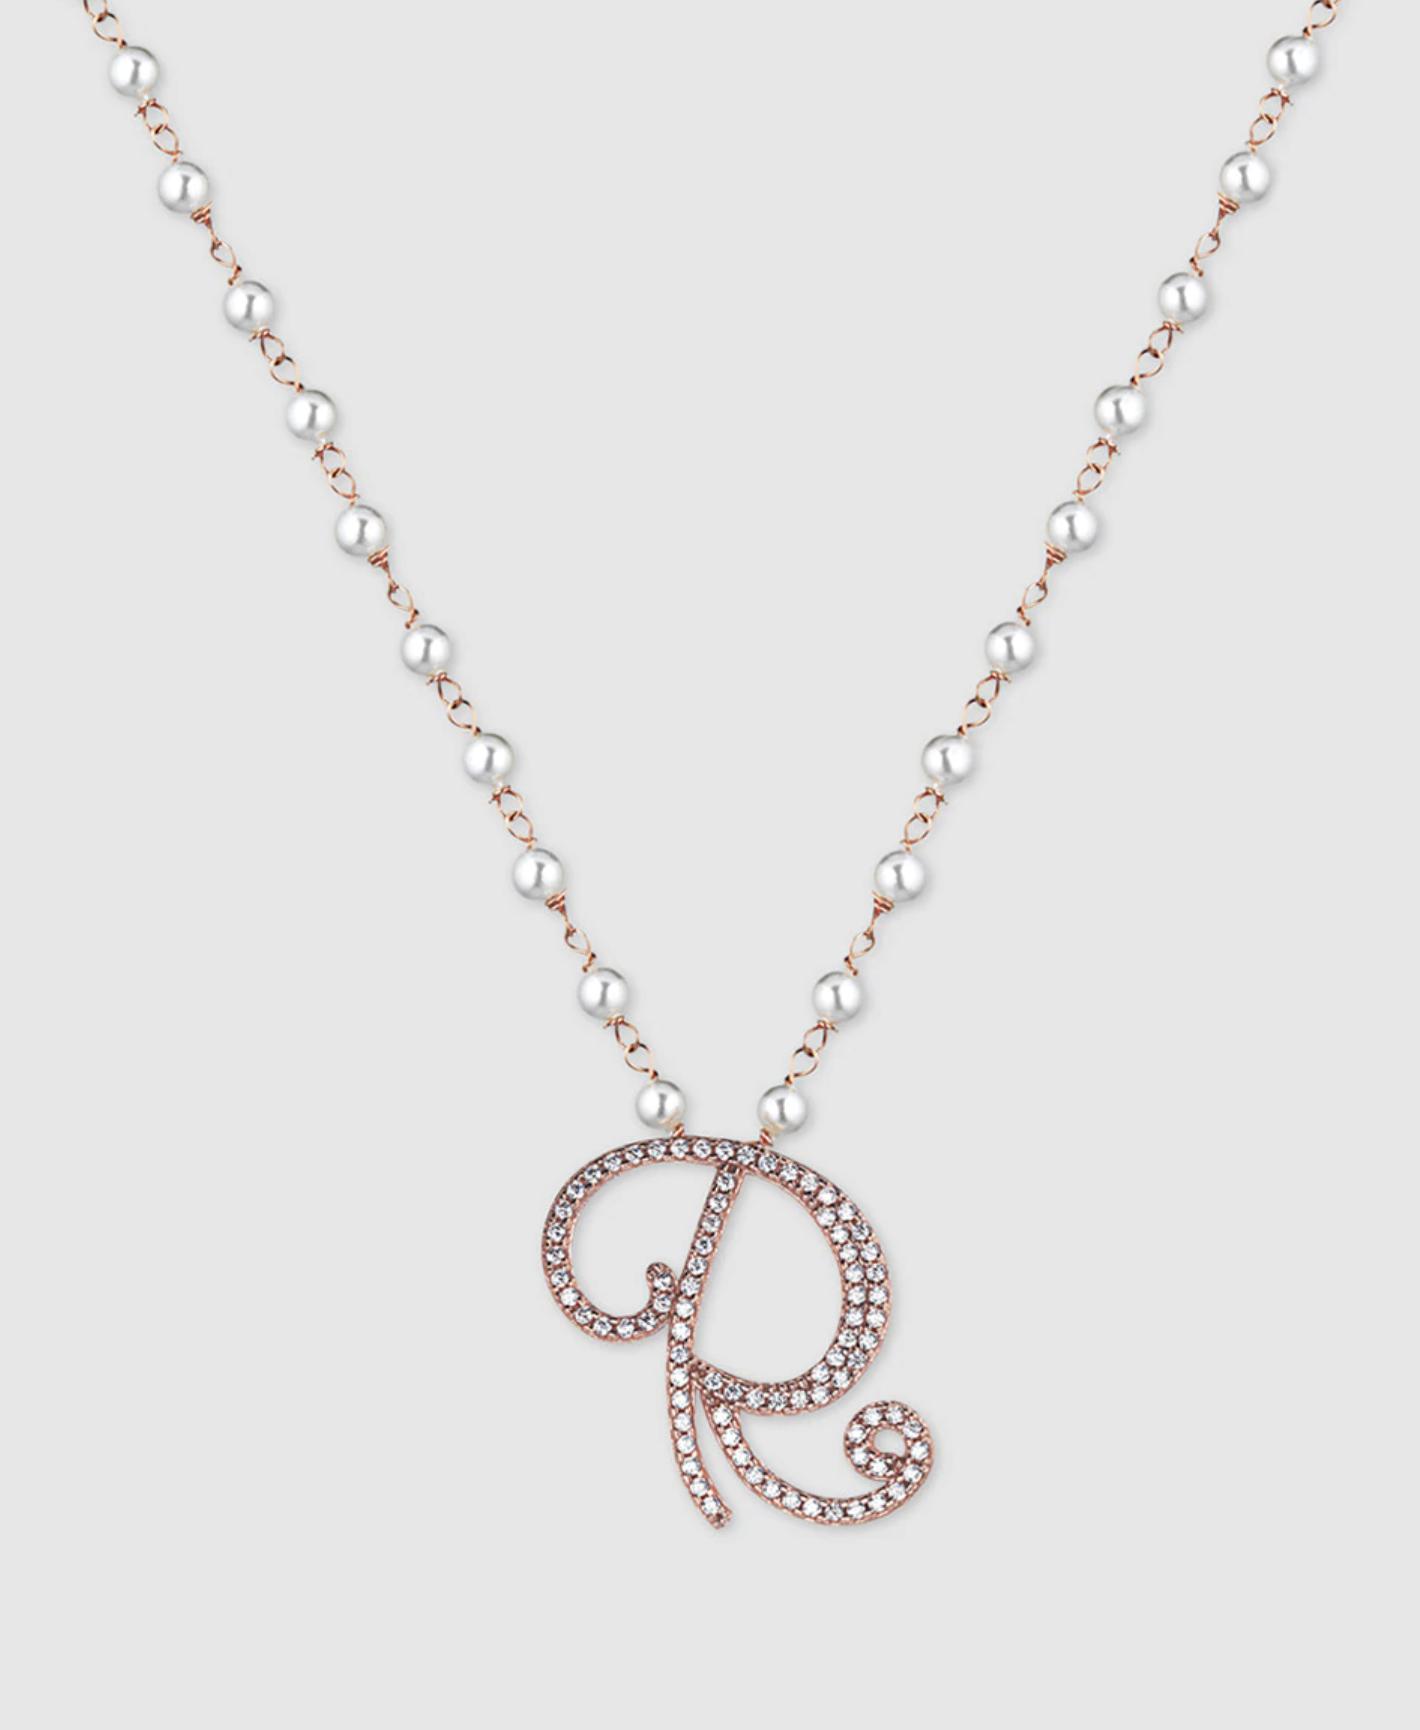 Collar Marcello Pane Letters Inicial R de plata, perlas y circonitas